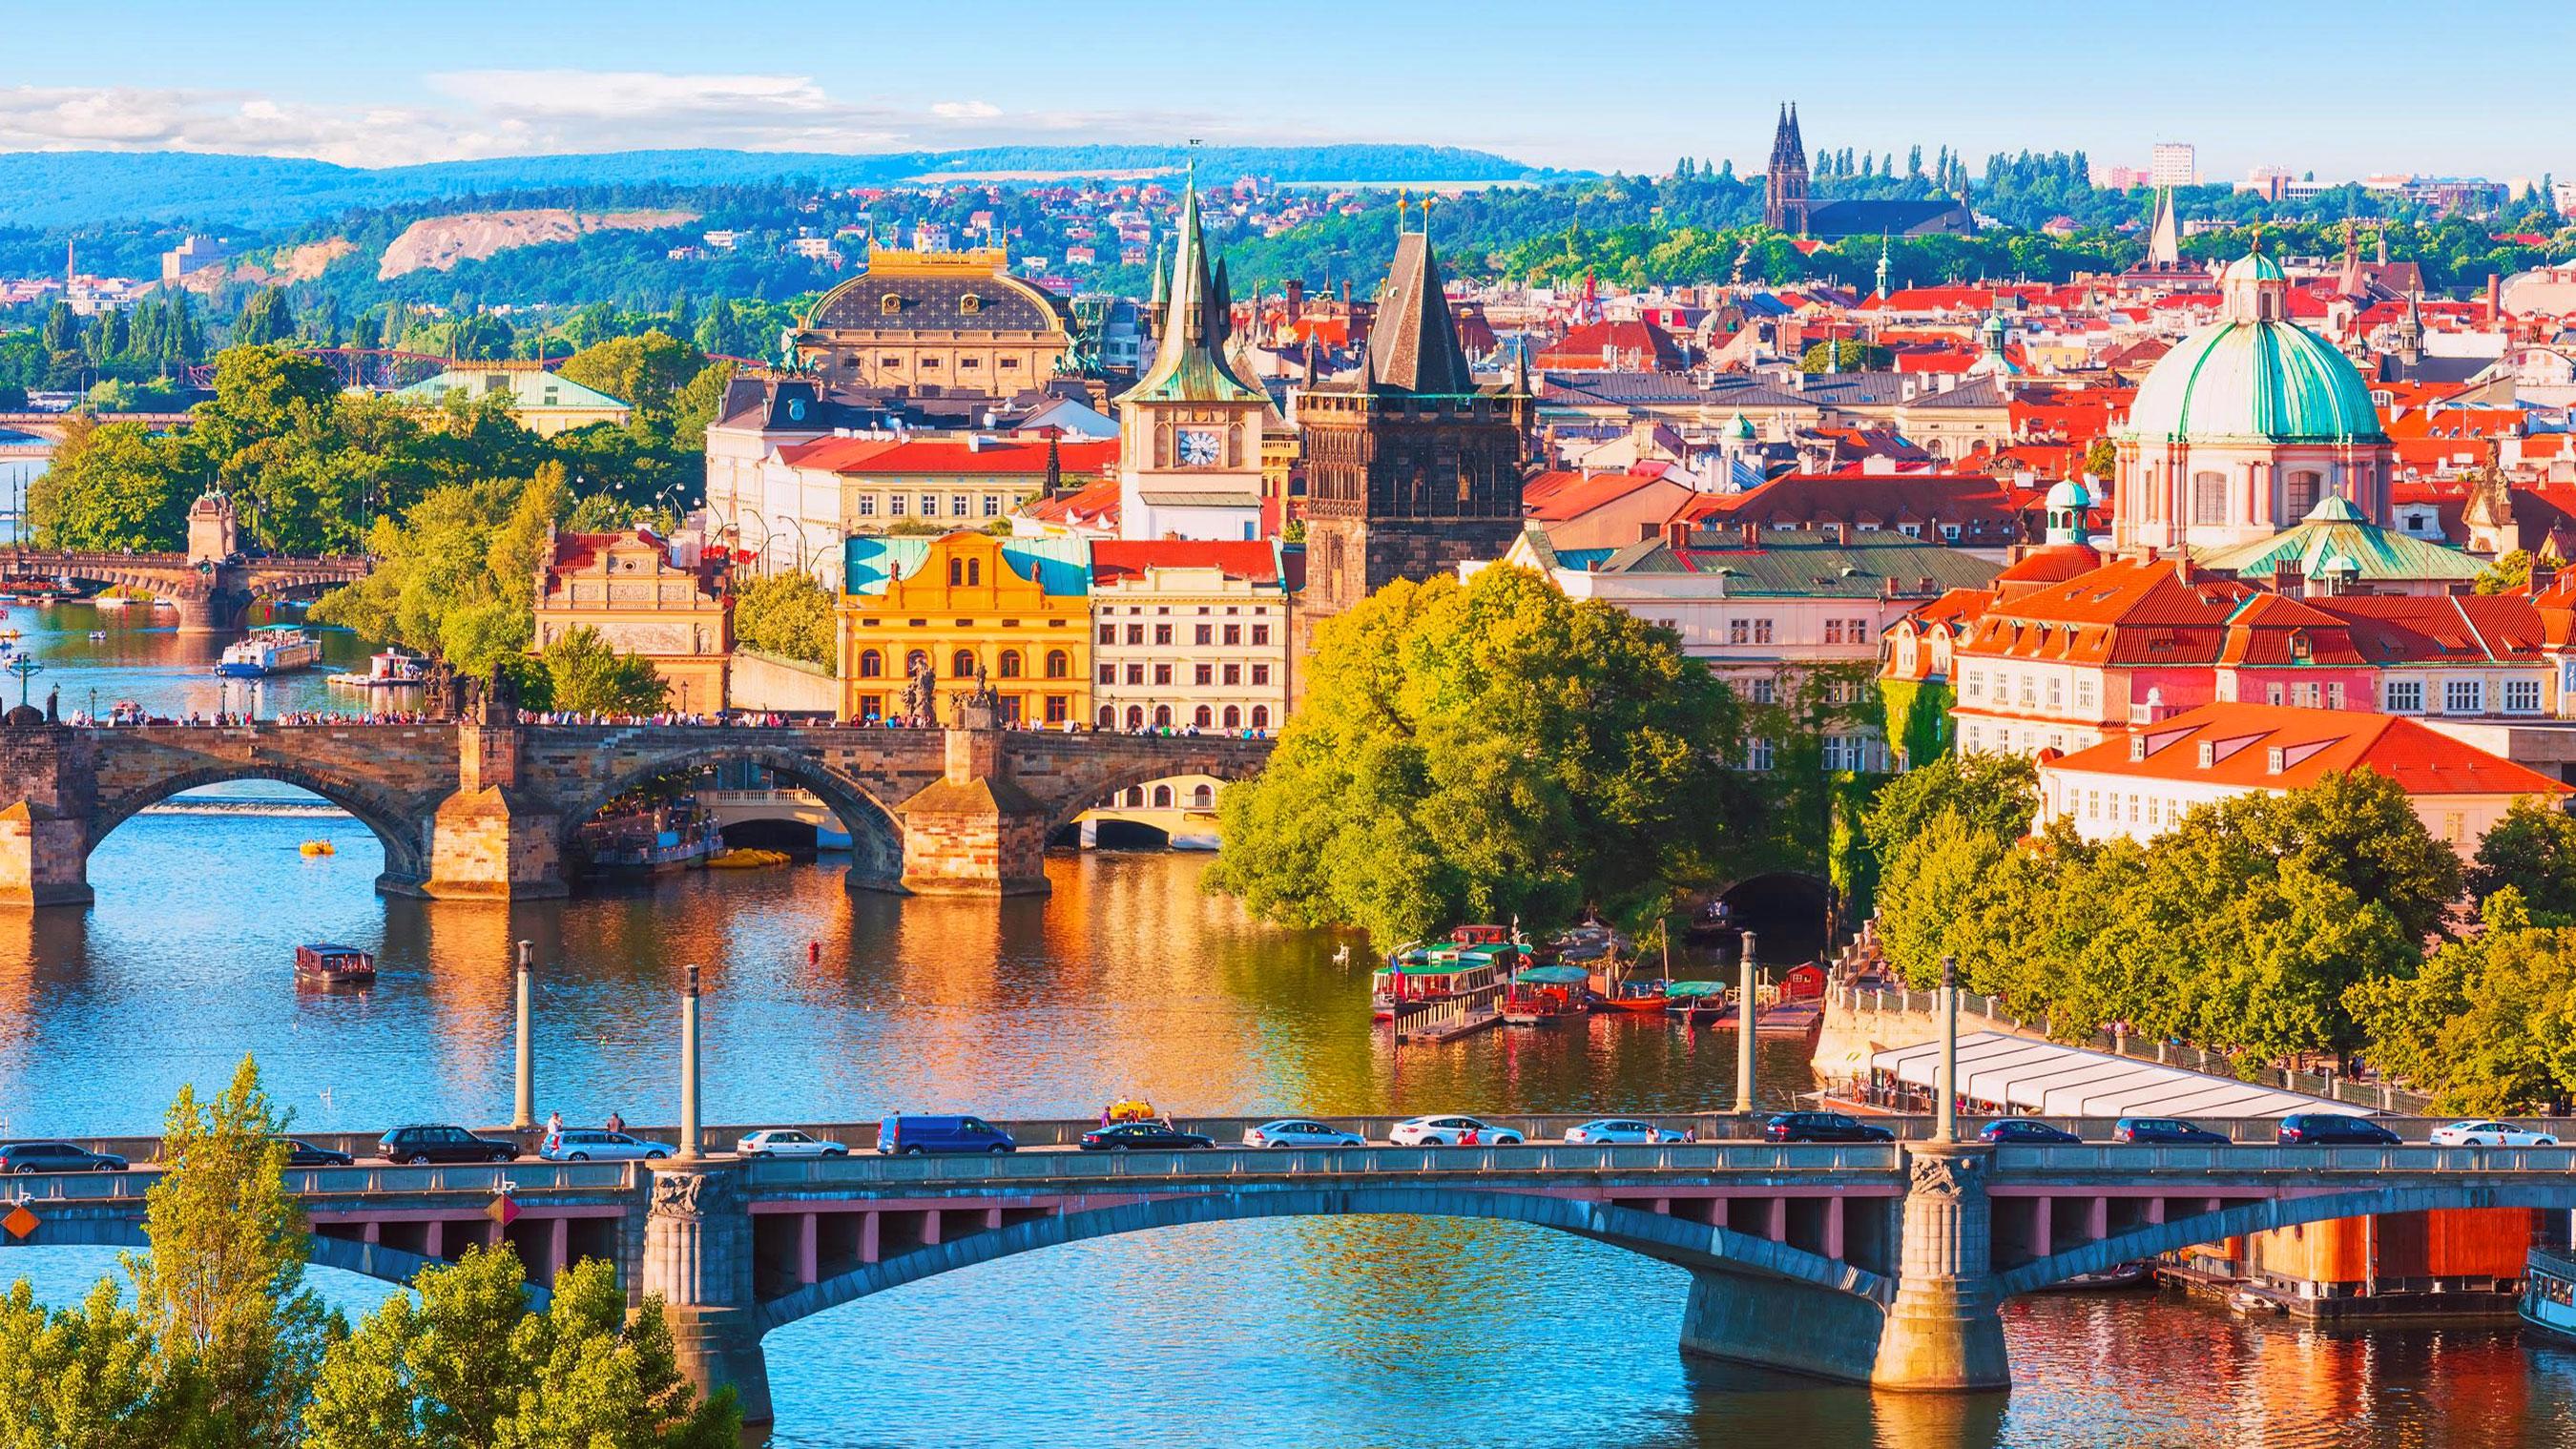 На майские праздники в прекрасную Прагу!